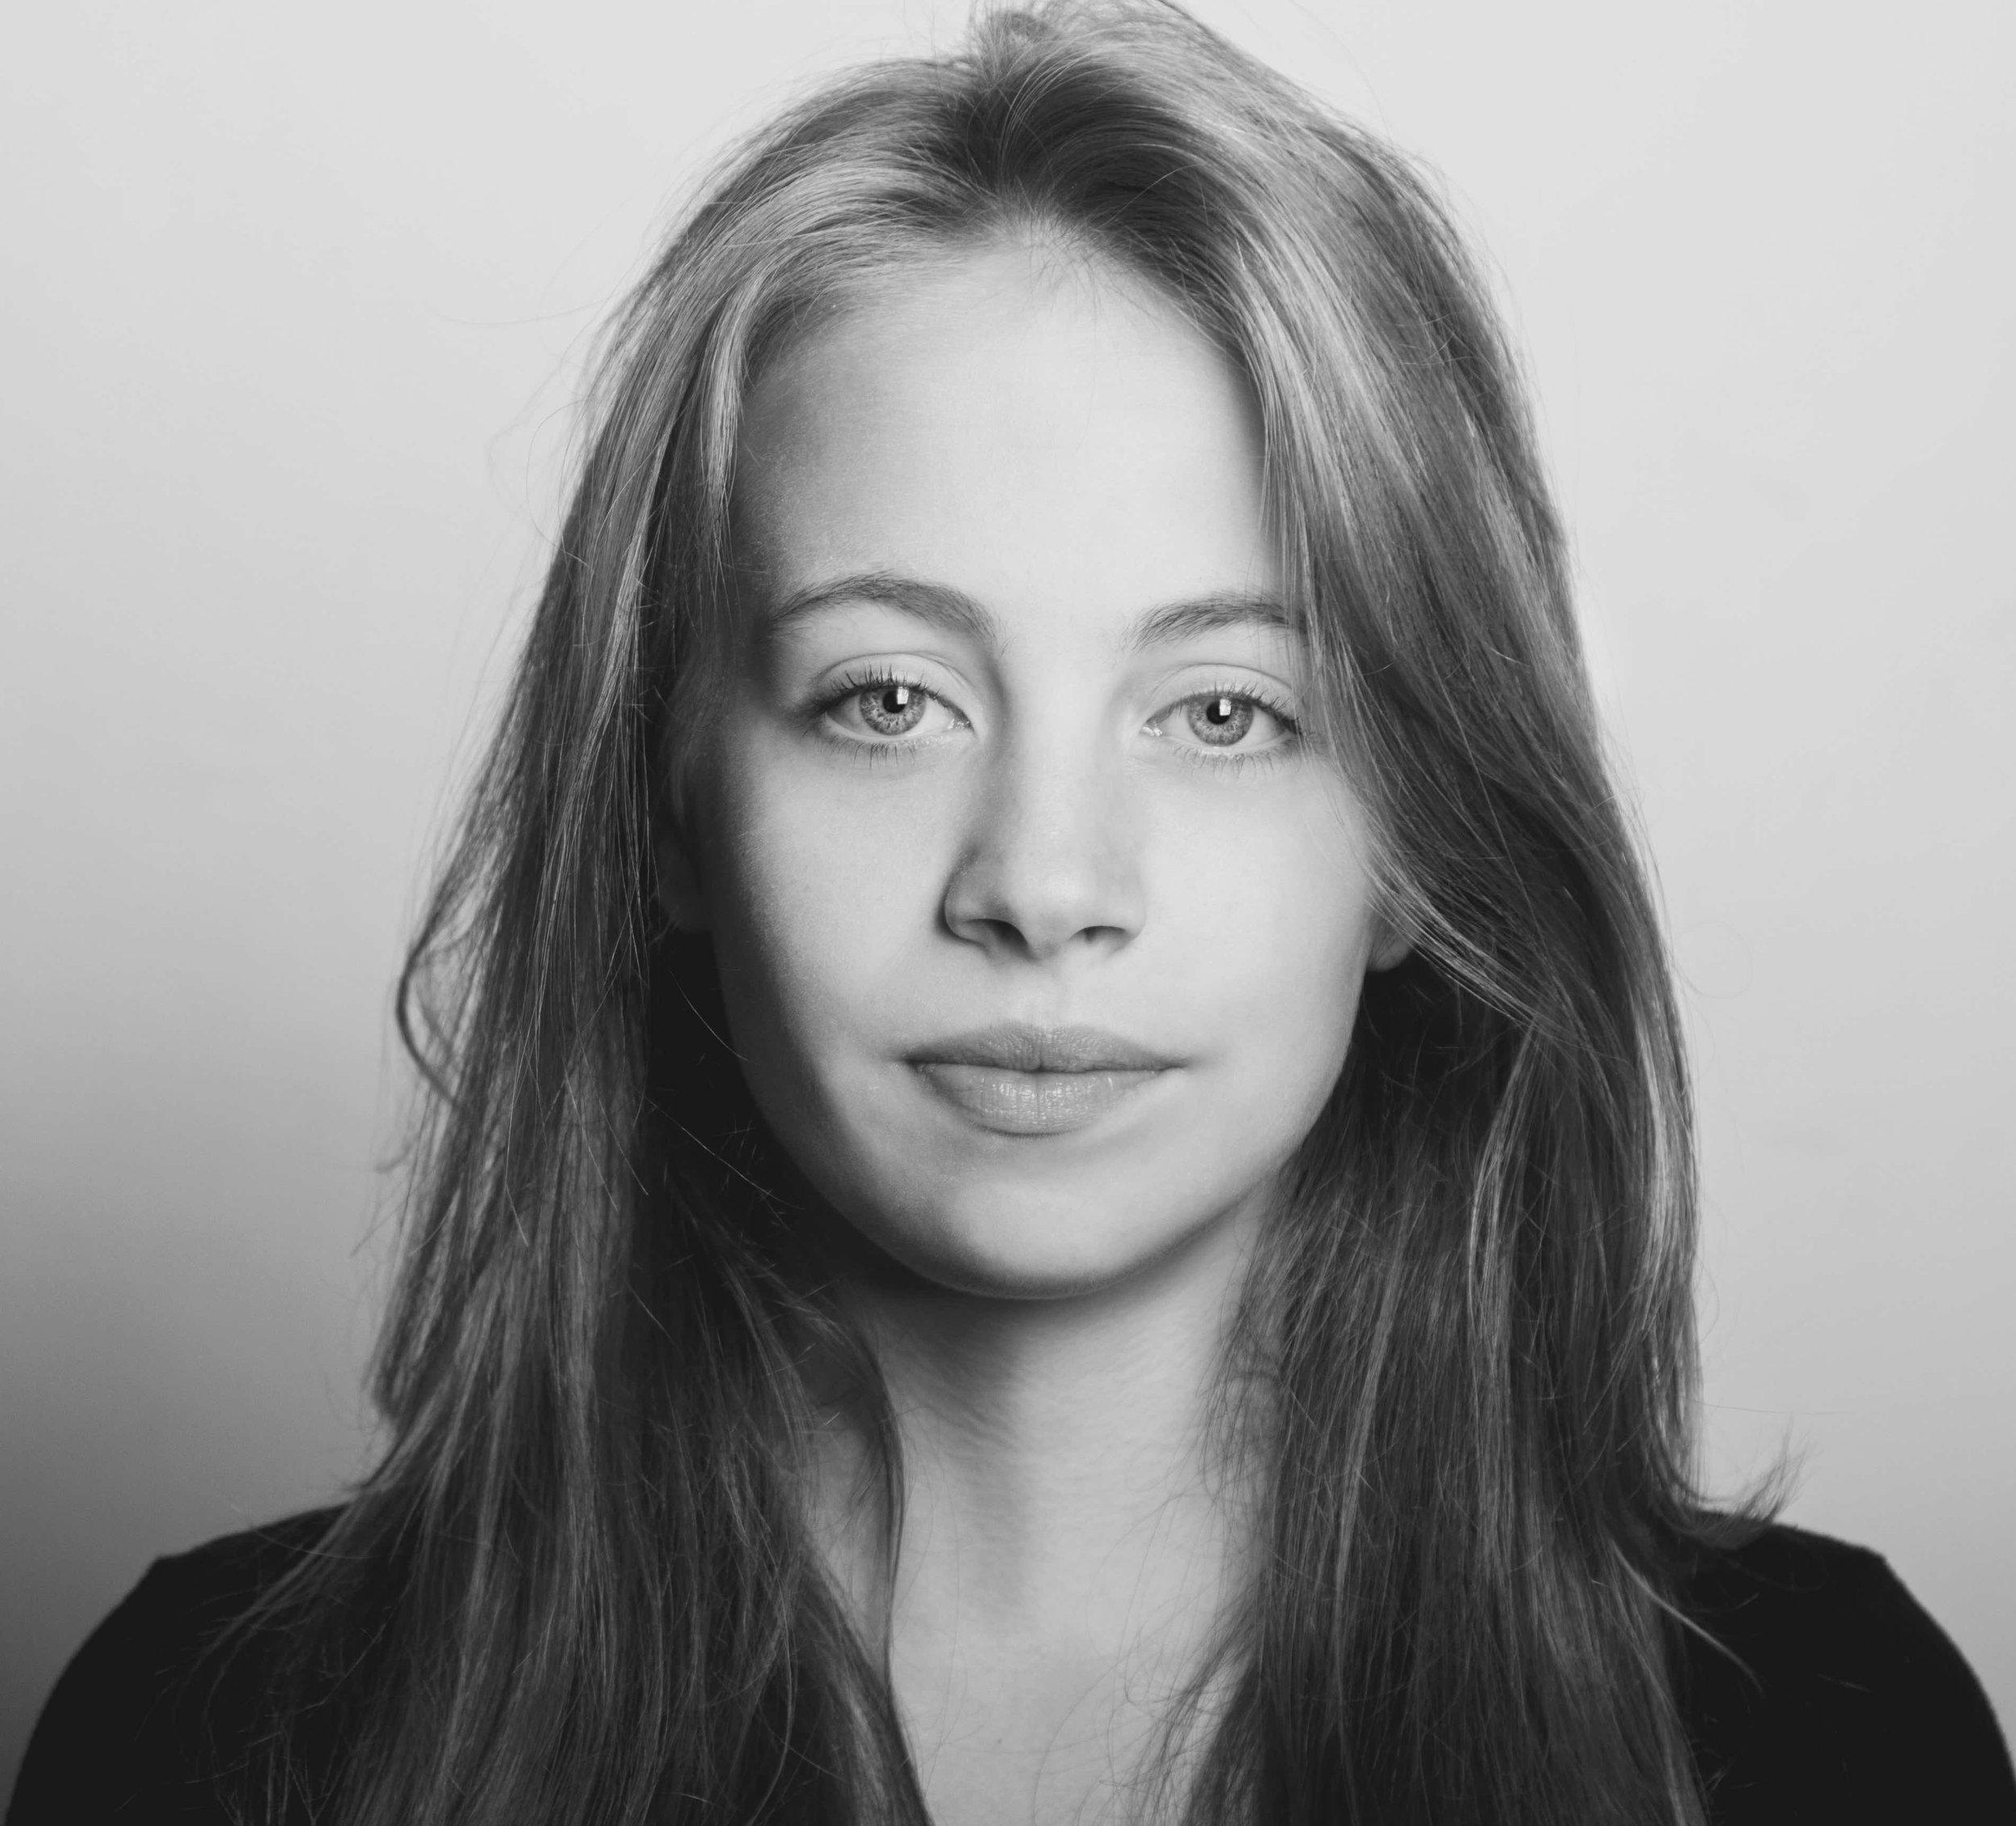 Brianna Harris